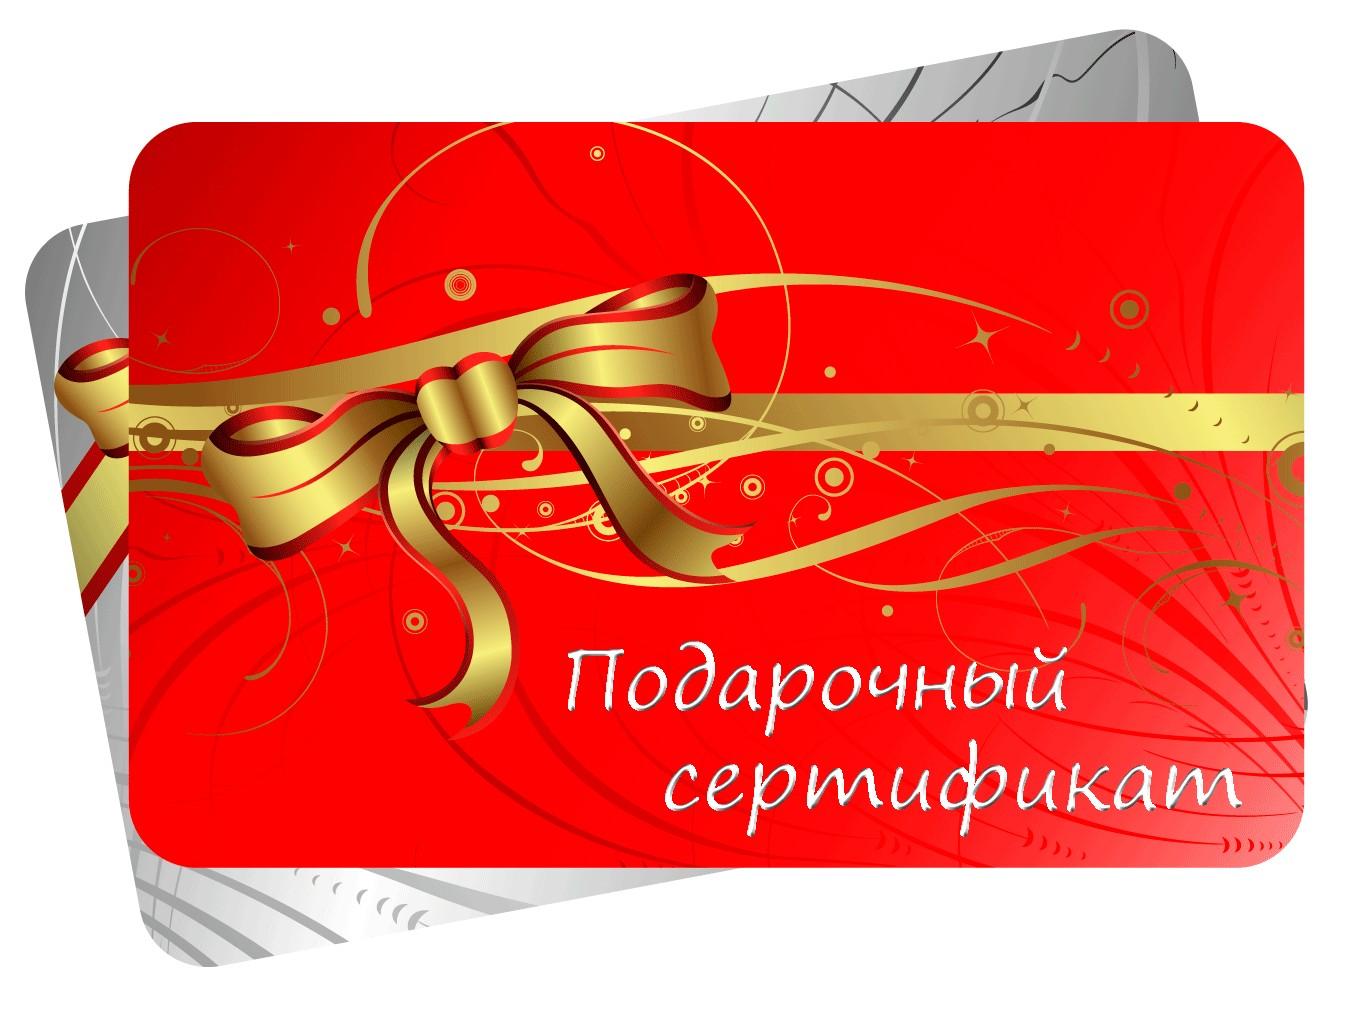 Подарочный сертификат на обучение, курсы